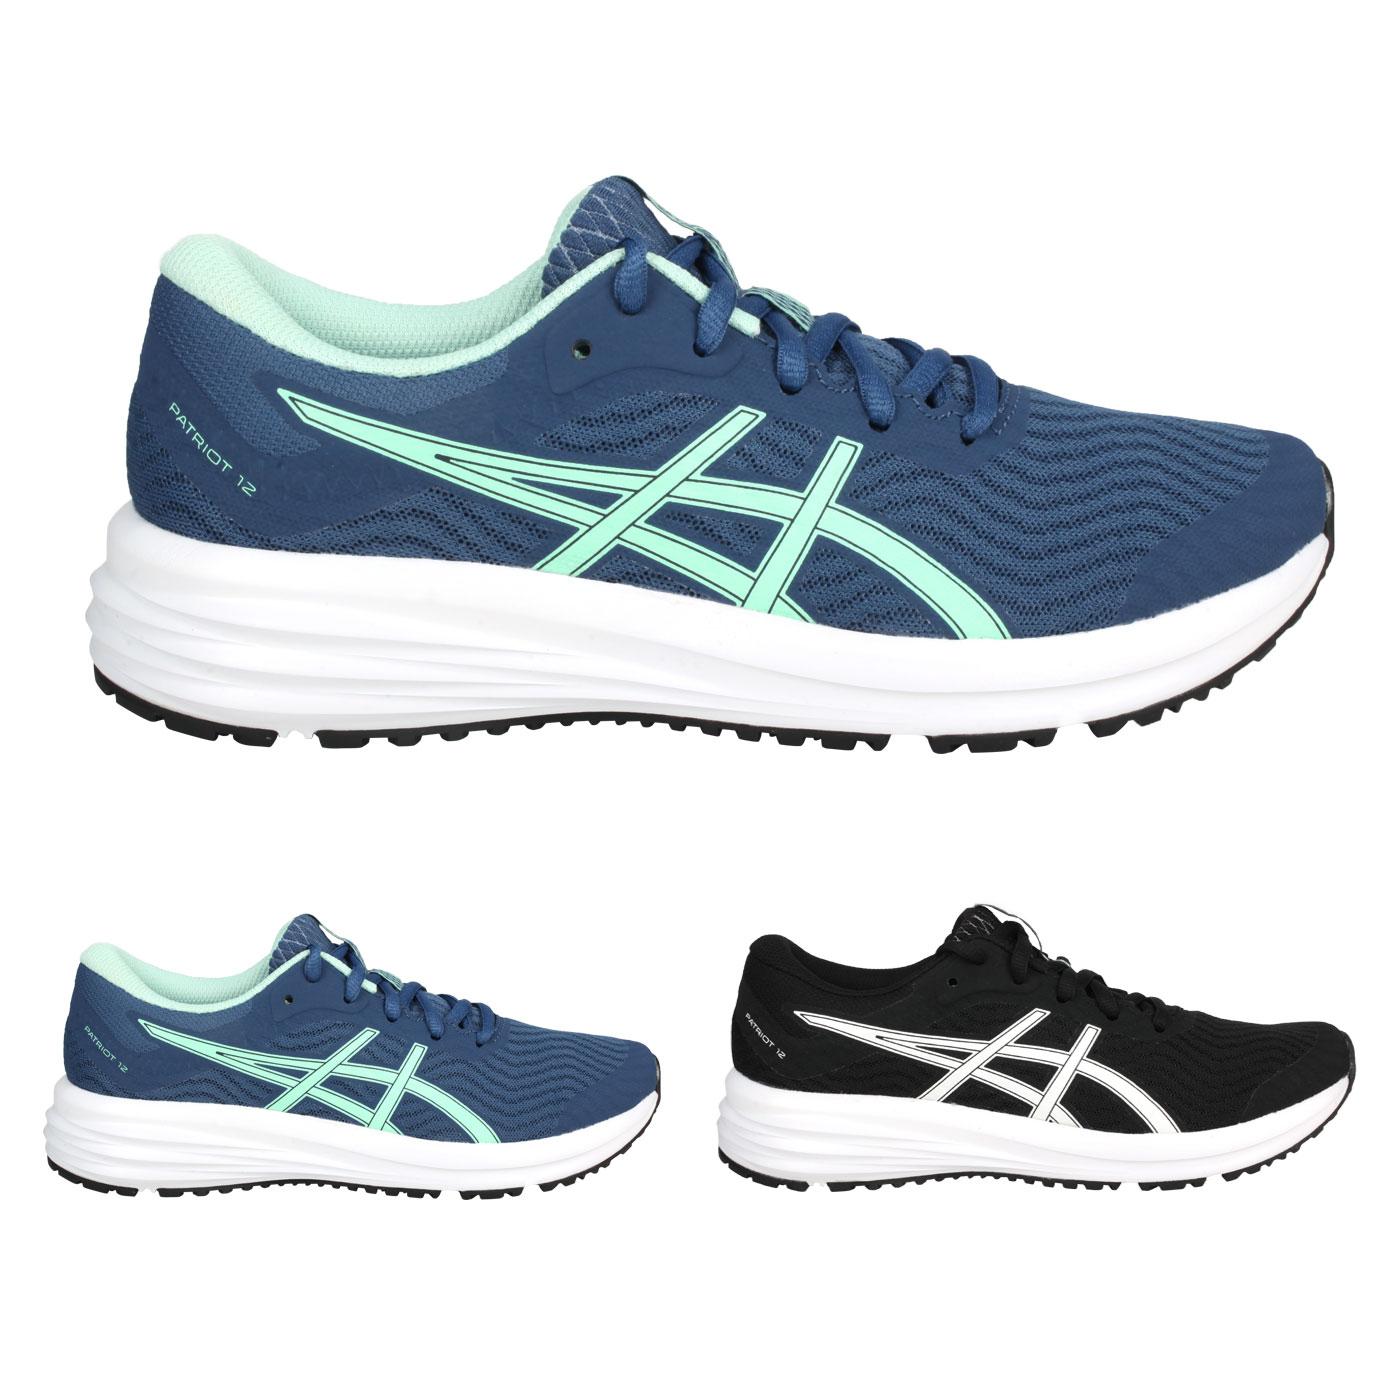 ASICS 女款慢跑鞋  @PATRIOT 12@1012A705-400